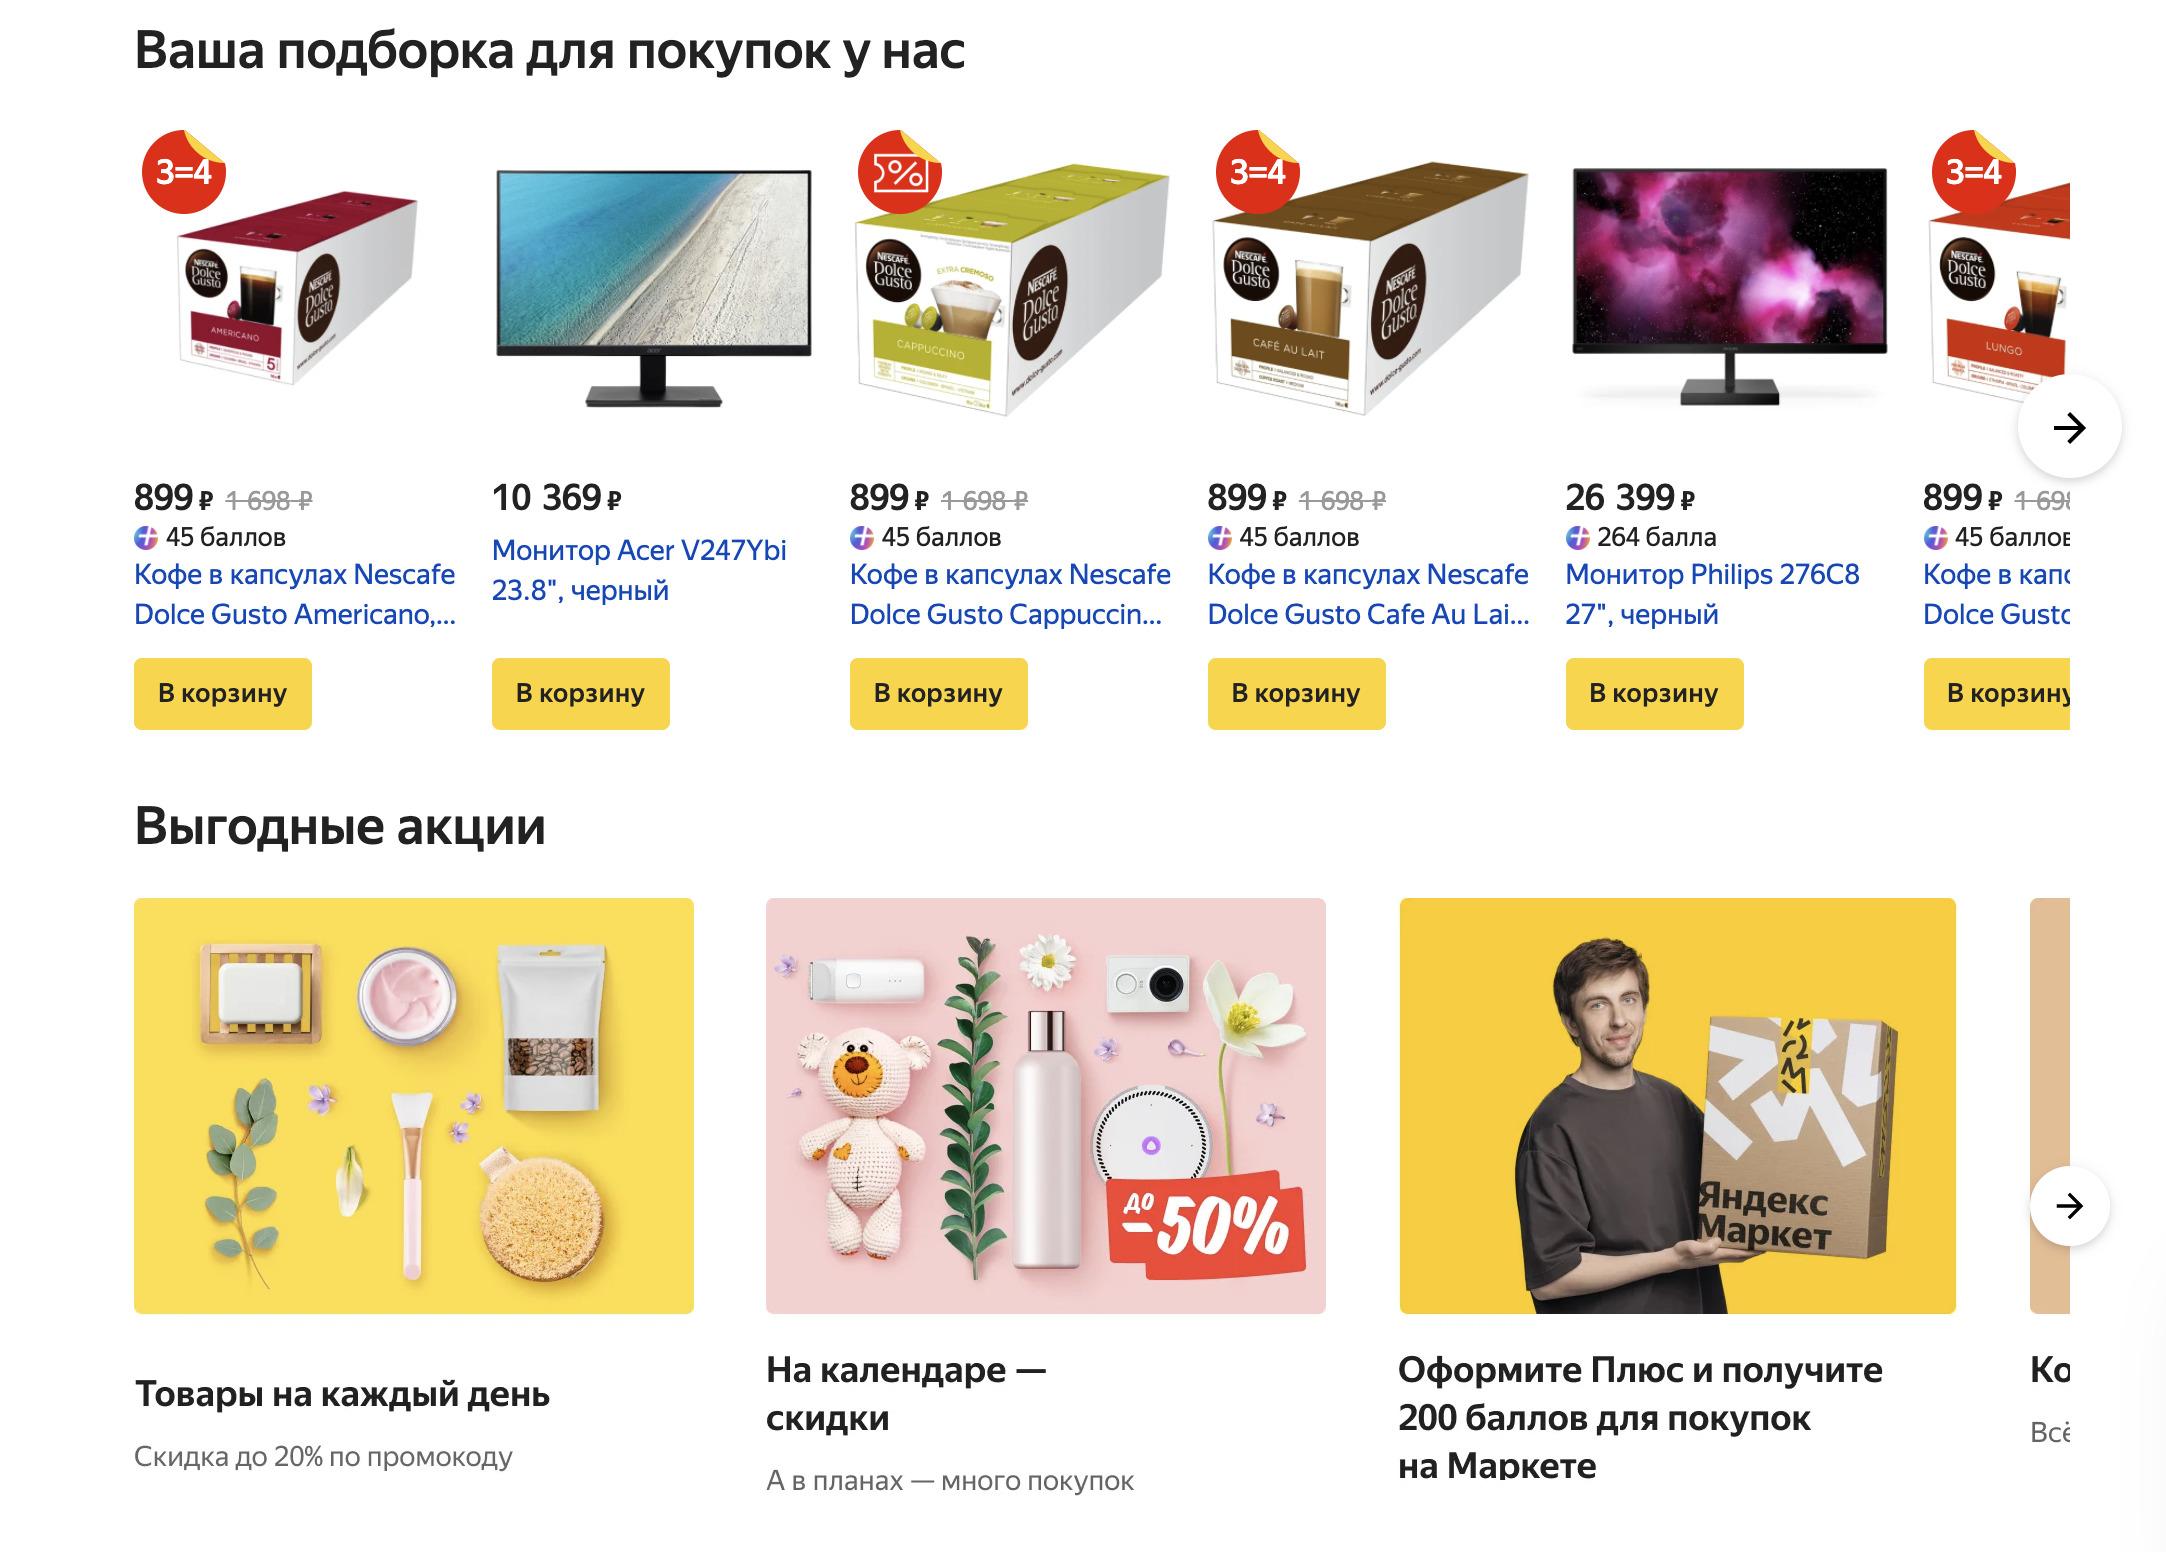 Доставка из Яндекс.Маркет в Прокопьевск, сроки, пункты выдачи, каталог